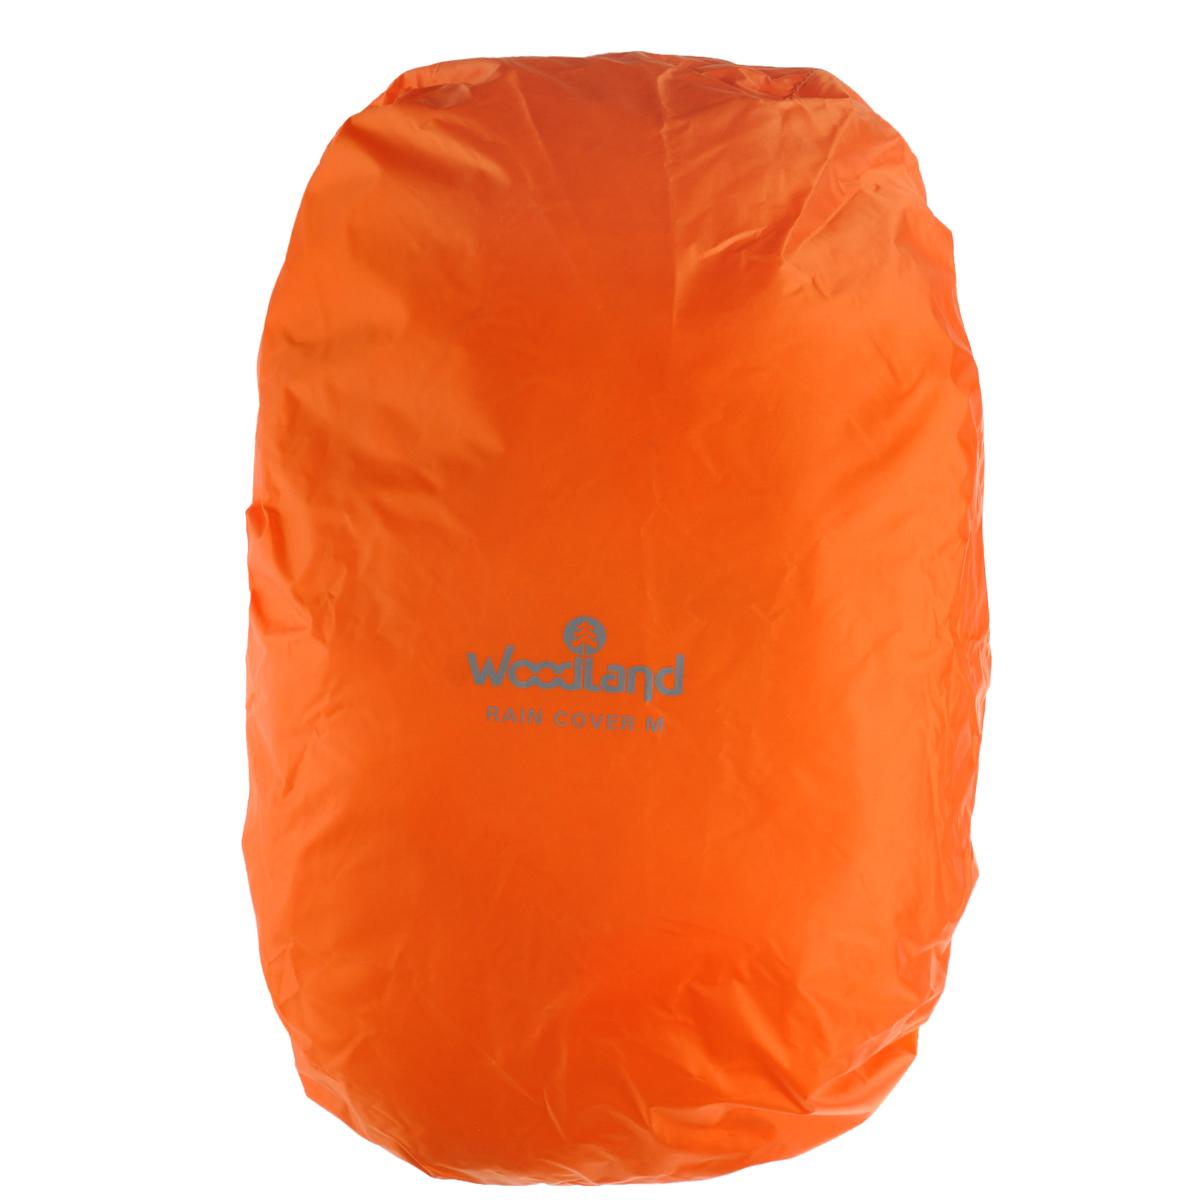 Чехол штормовой для рюкзака WoodLand Raincover, цвет: оранжевый. Размер M30785Защитный чехол WoodLand Raincover используется для рюкзаков большого объема. Он обеспечивает достойную защиту рюкзака в суровых условиях. Чехол выполнен из полиэстера 75D 5000 мм. Закрывается на шнурок на кулиске.